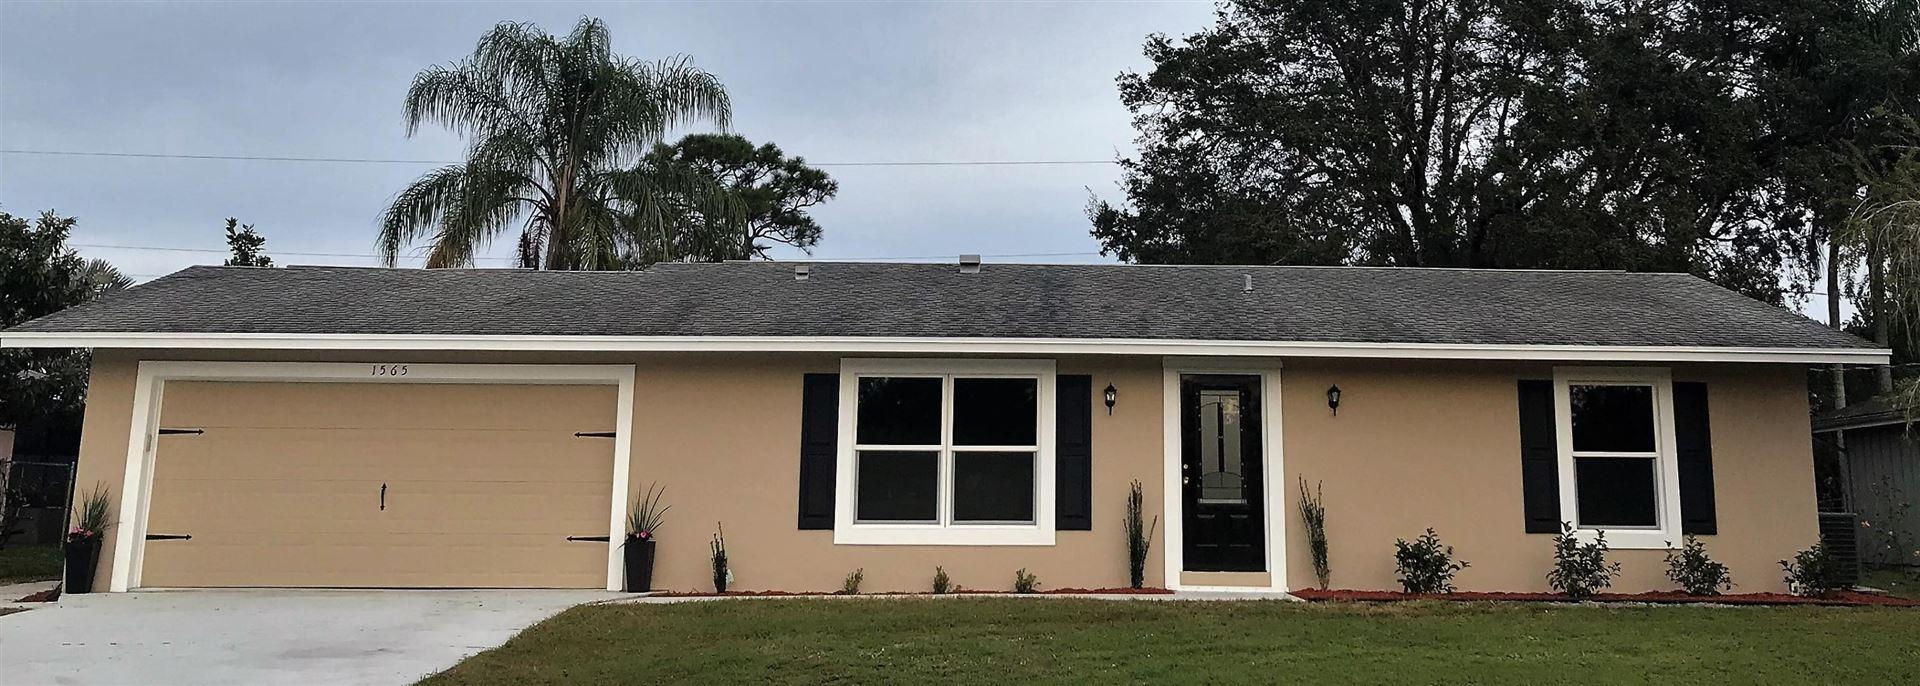 1565 SE Cambridge Drive, Port Saint Lucie, FL 34952 - #: RX-10684605